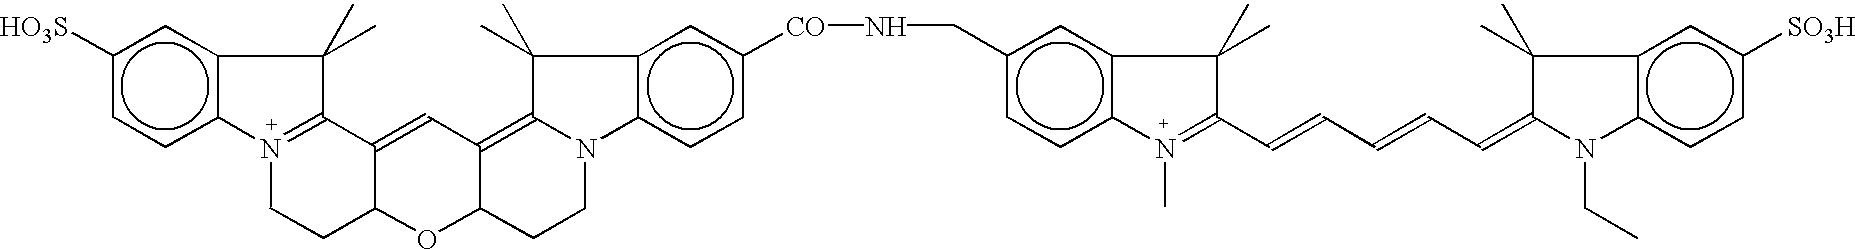 Figure US06686145-20040203-C00024